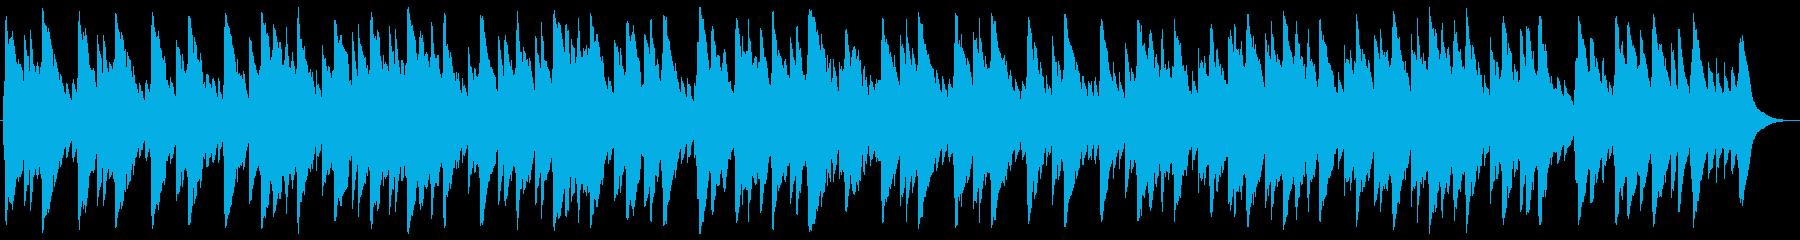 聖しこの夜 オルゴールの再生済みの波形